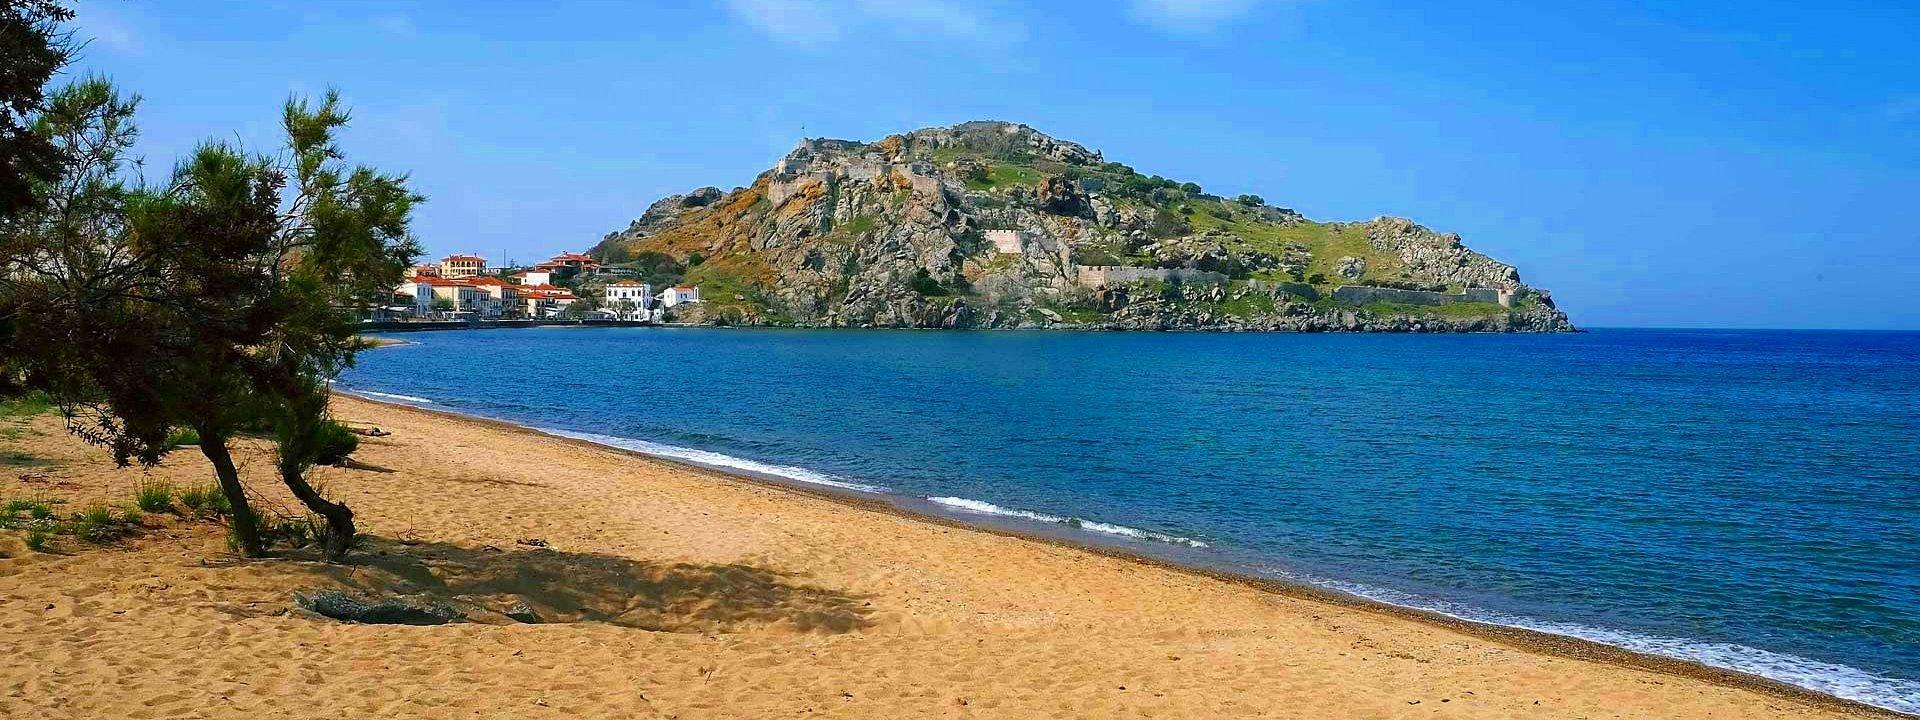 Limnos, Grčka